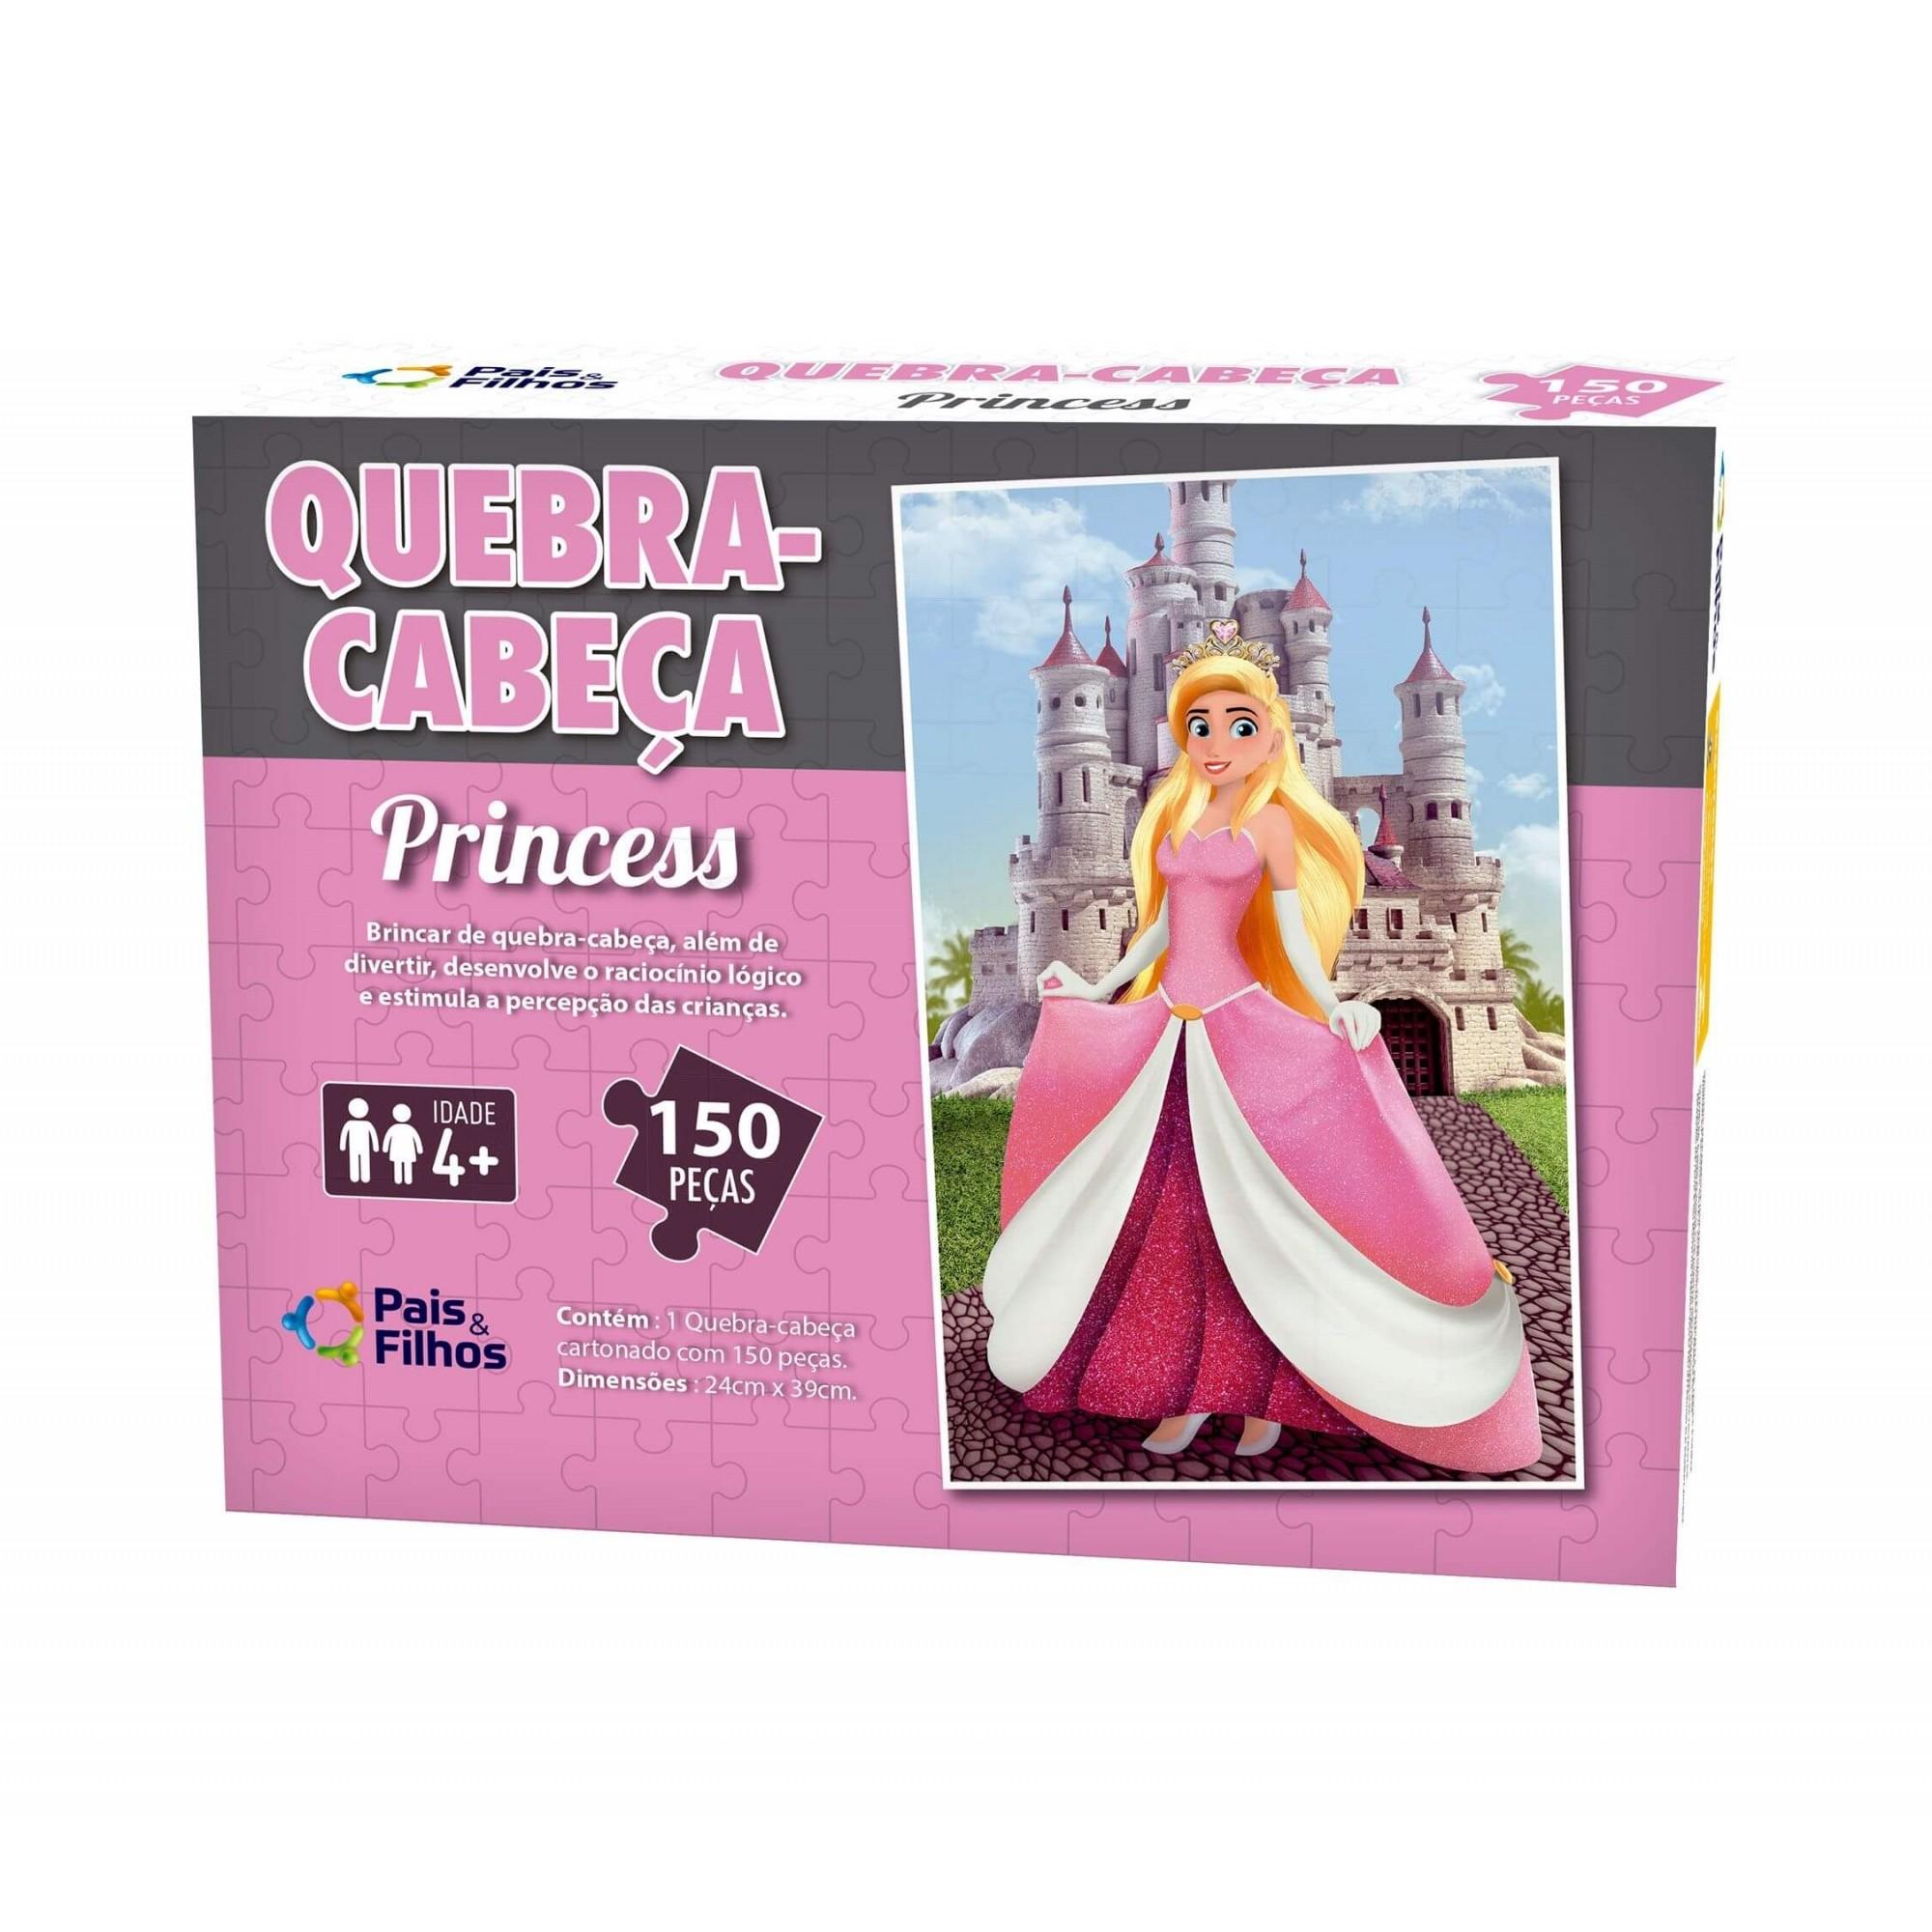 Quebra-Cabeça - Princess - 150 Peças - Pais e Filhos